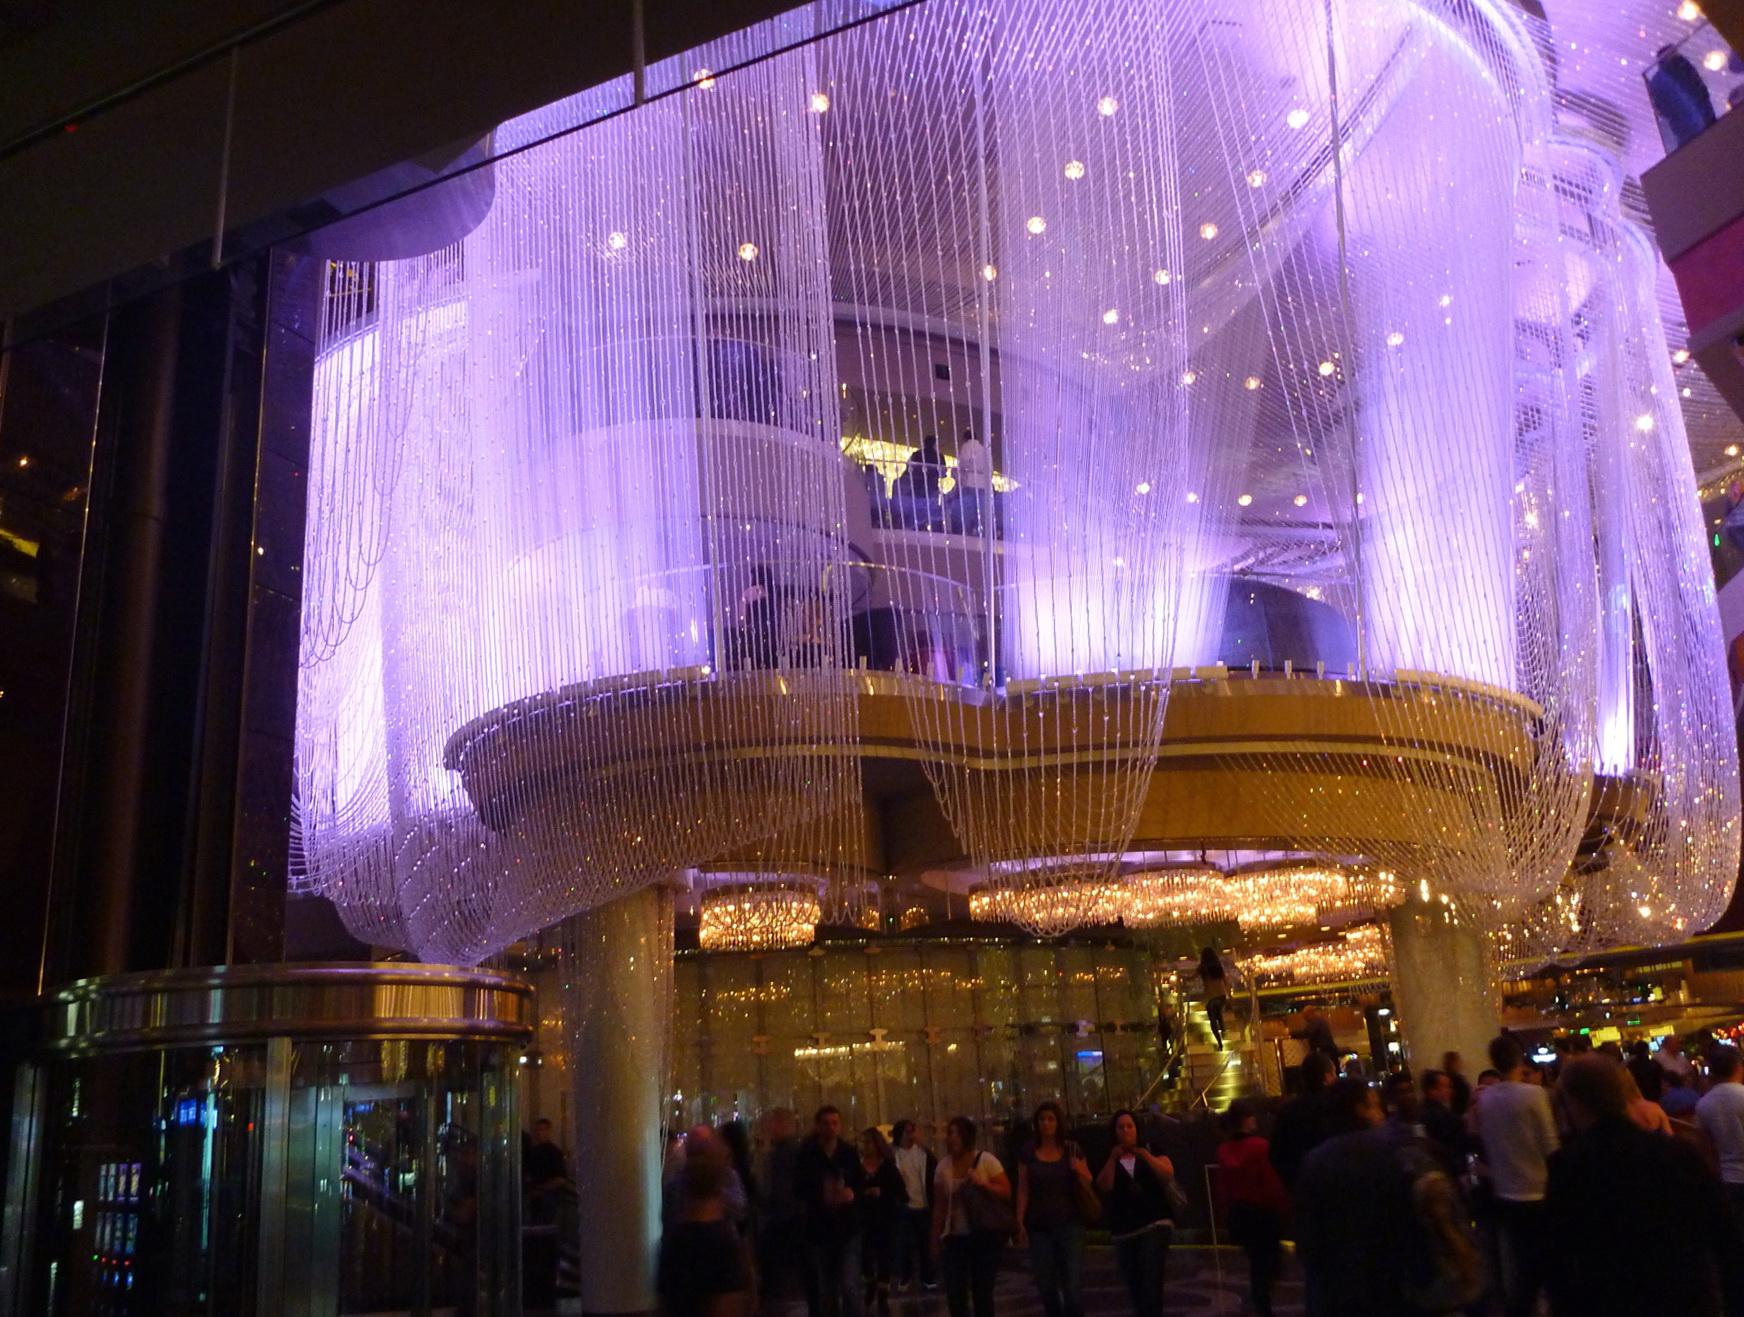 Chandelier banquet hall chandelier designs chandelier banquet hall las vegas home design ideas arubaitofo Gallery